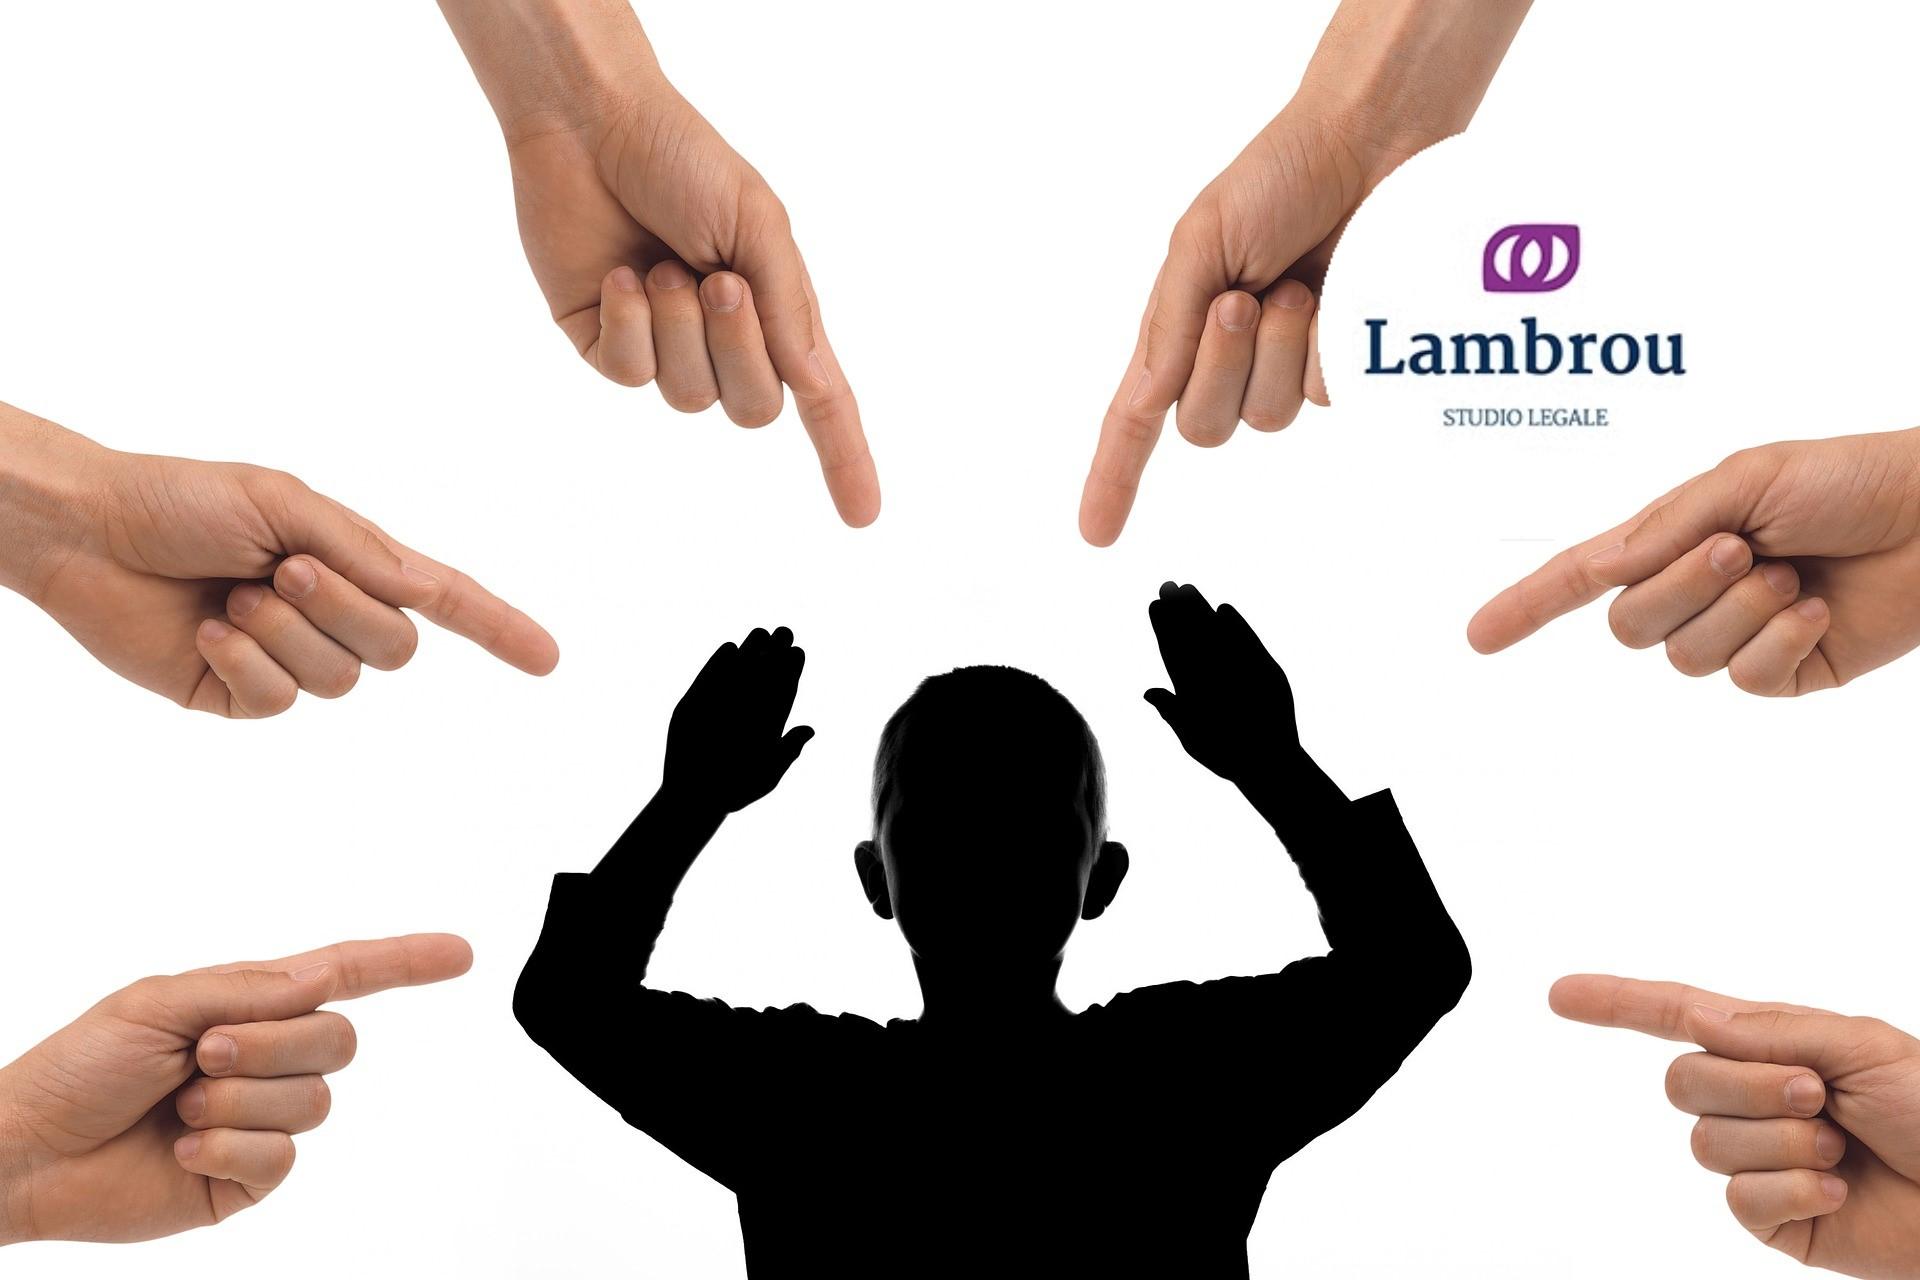 HR On Line 20/2021 – La Convenzione OIL n. 190 sull'eliminazione della violenza e delle molestie sul luogo di lavoro – Avv.Monica Lambrou